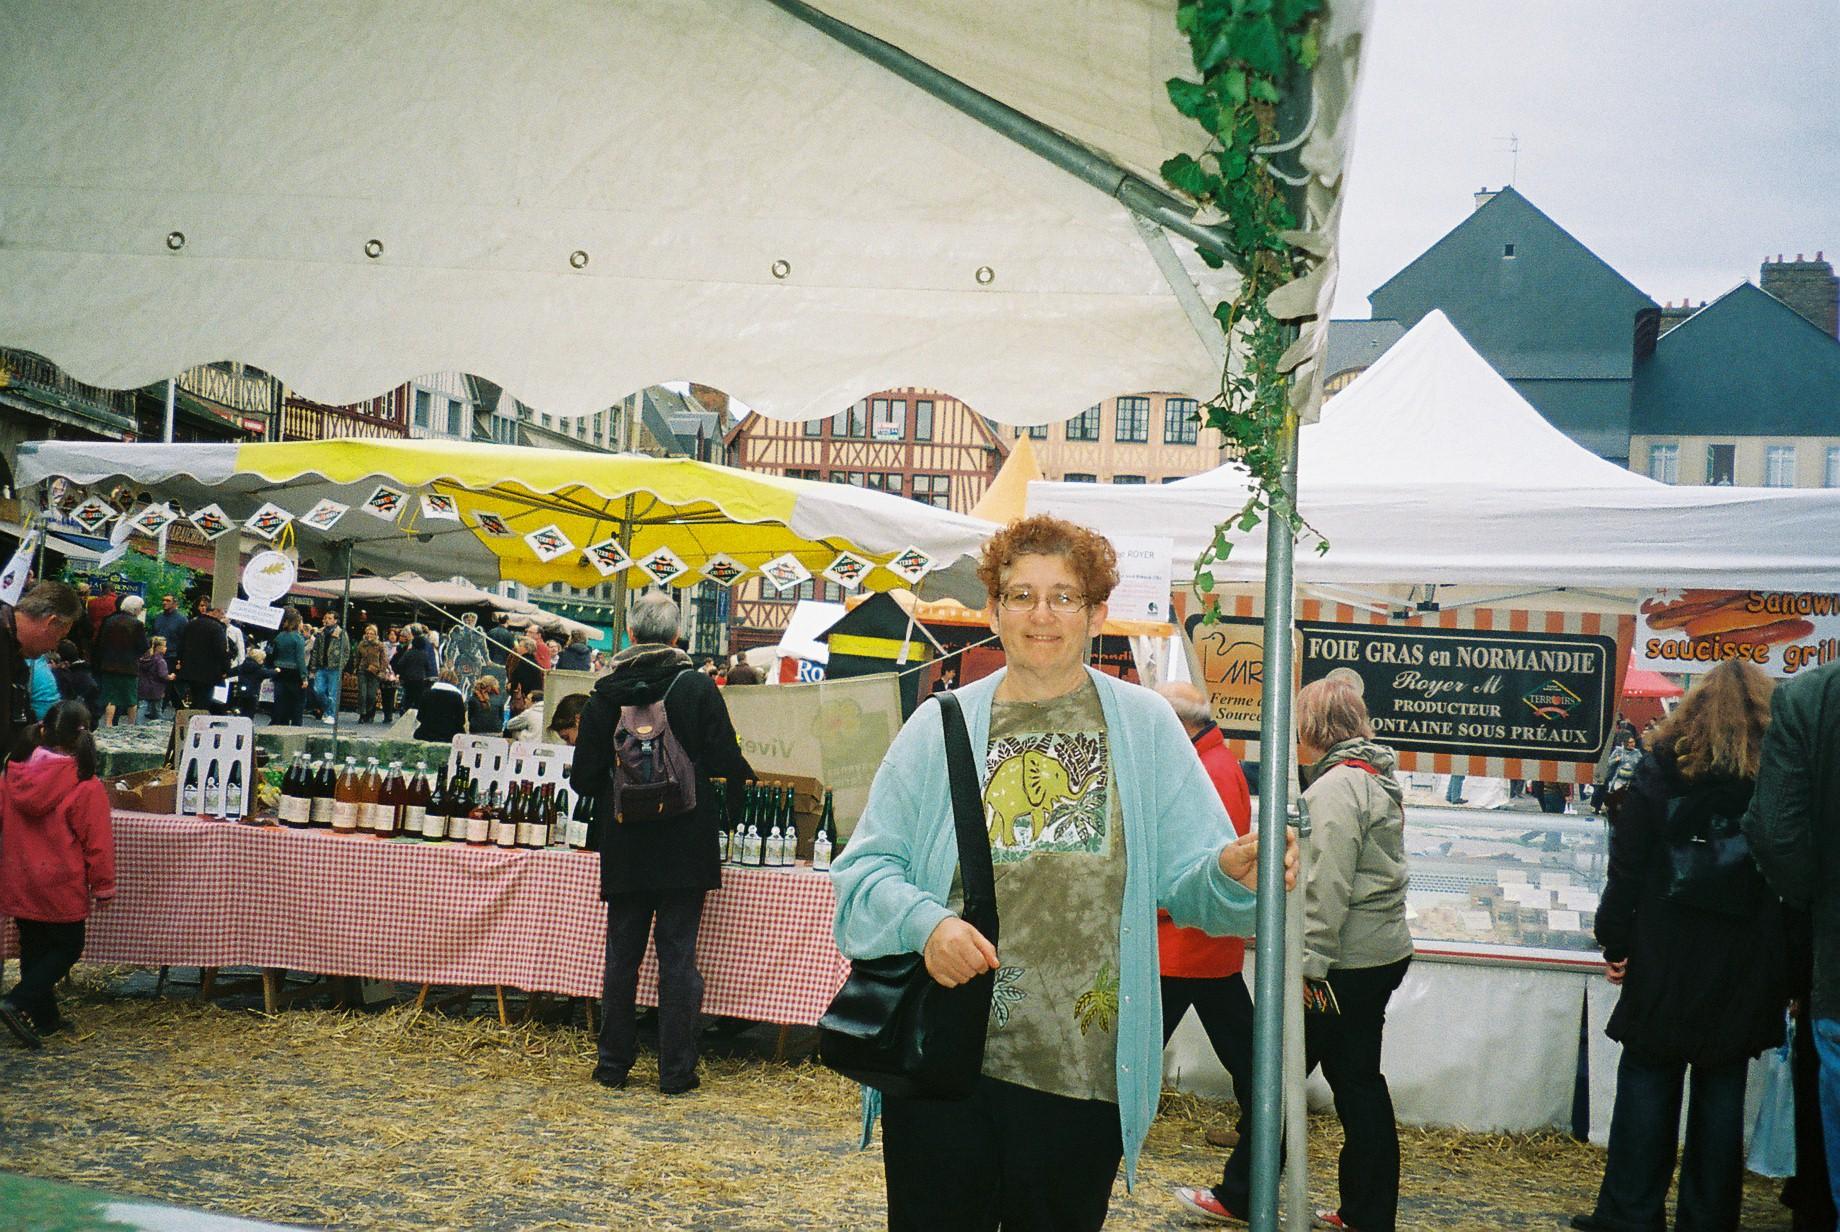 rouen-mf-pl-vieux-marchc3a9-gourmet-market-oct08